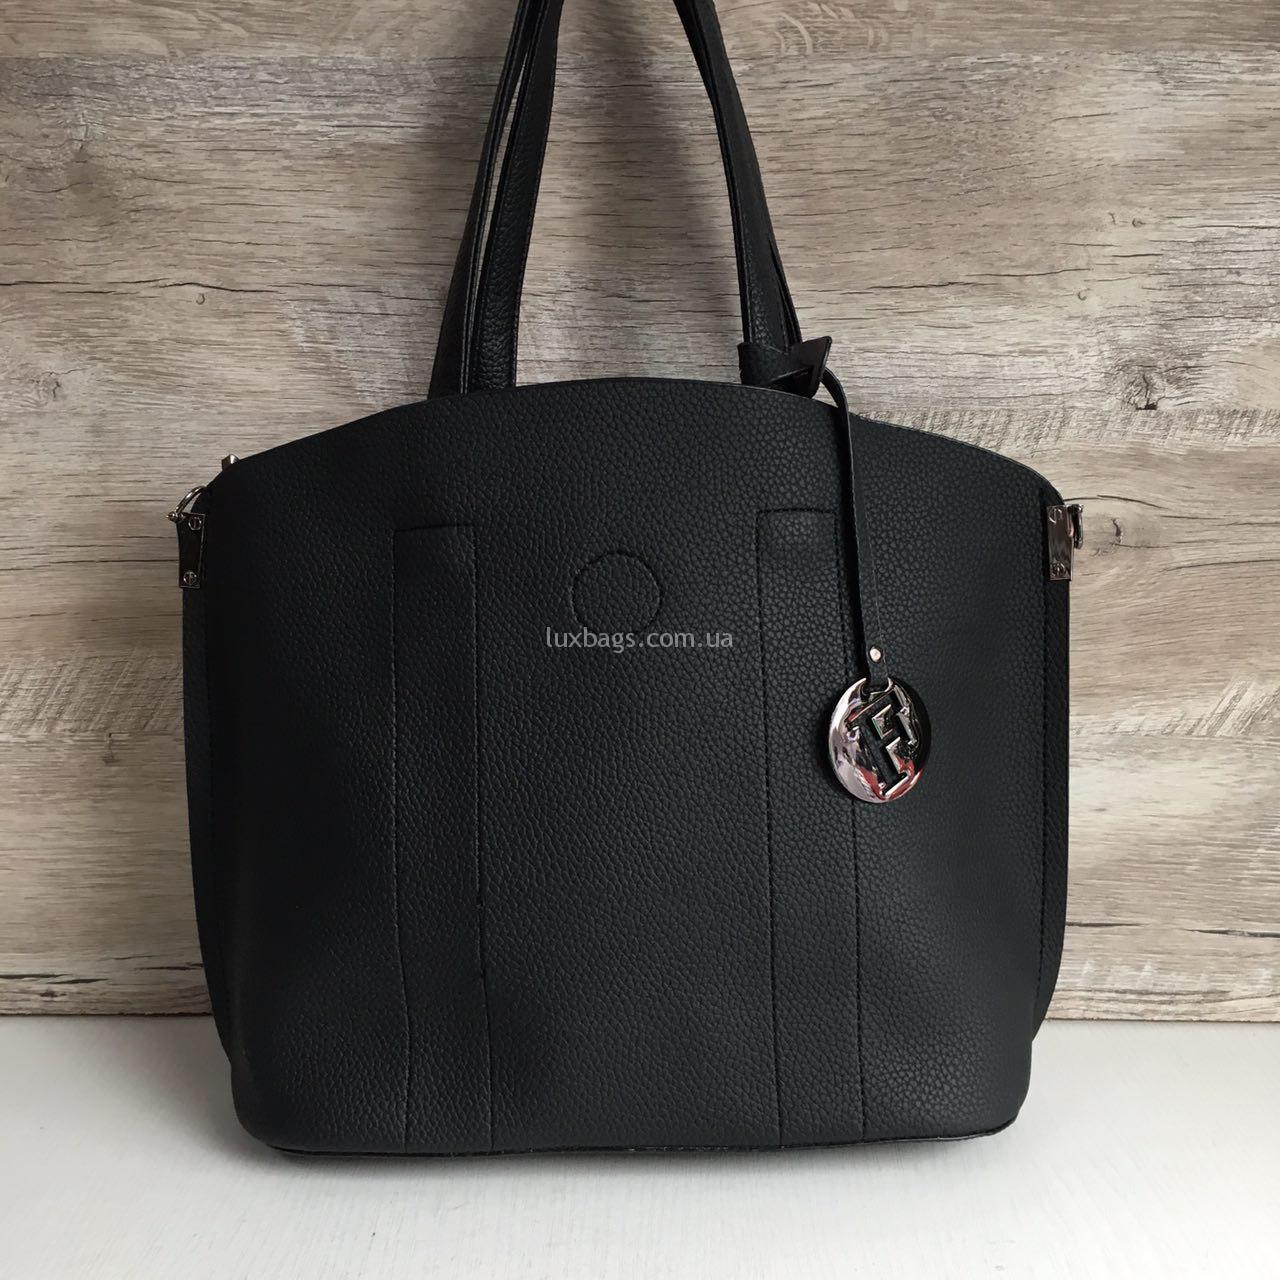 6fd397610 черная женская сумка купить в интернет магазине